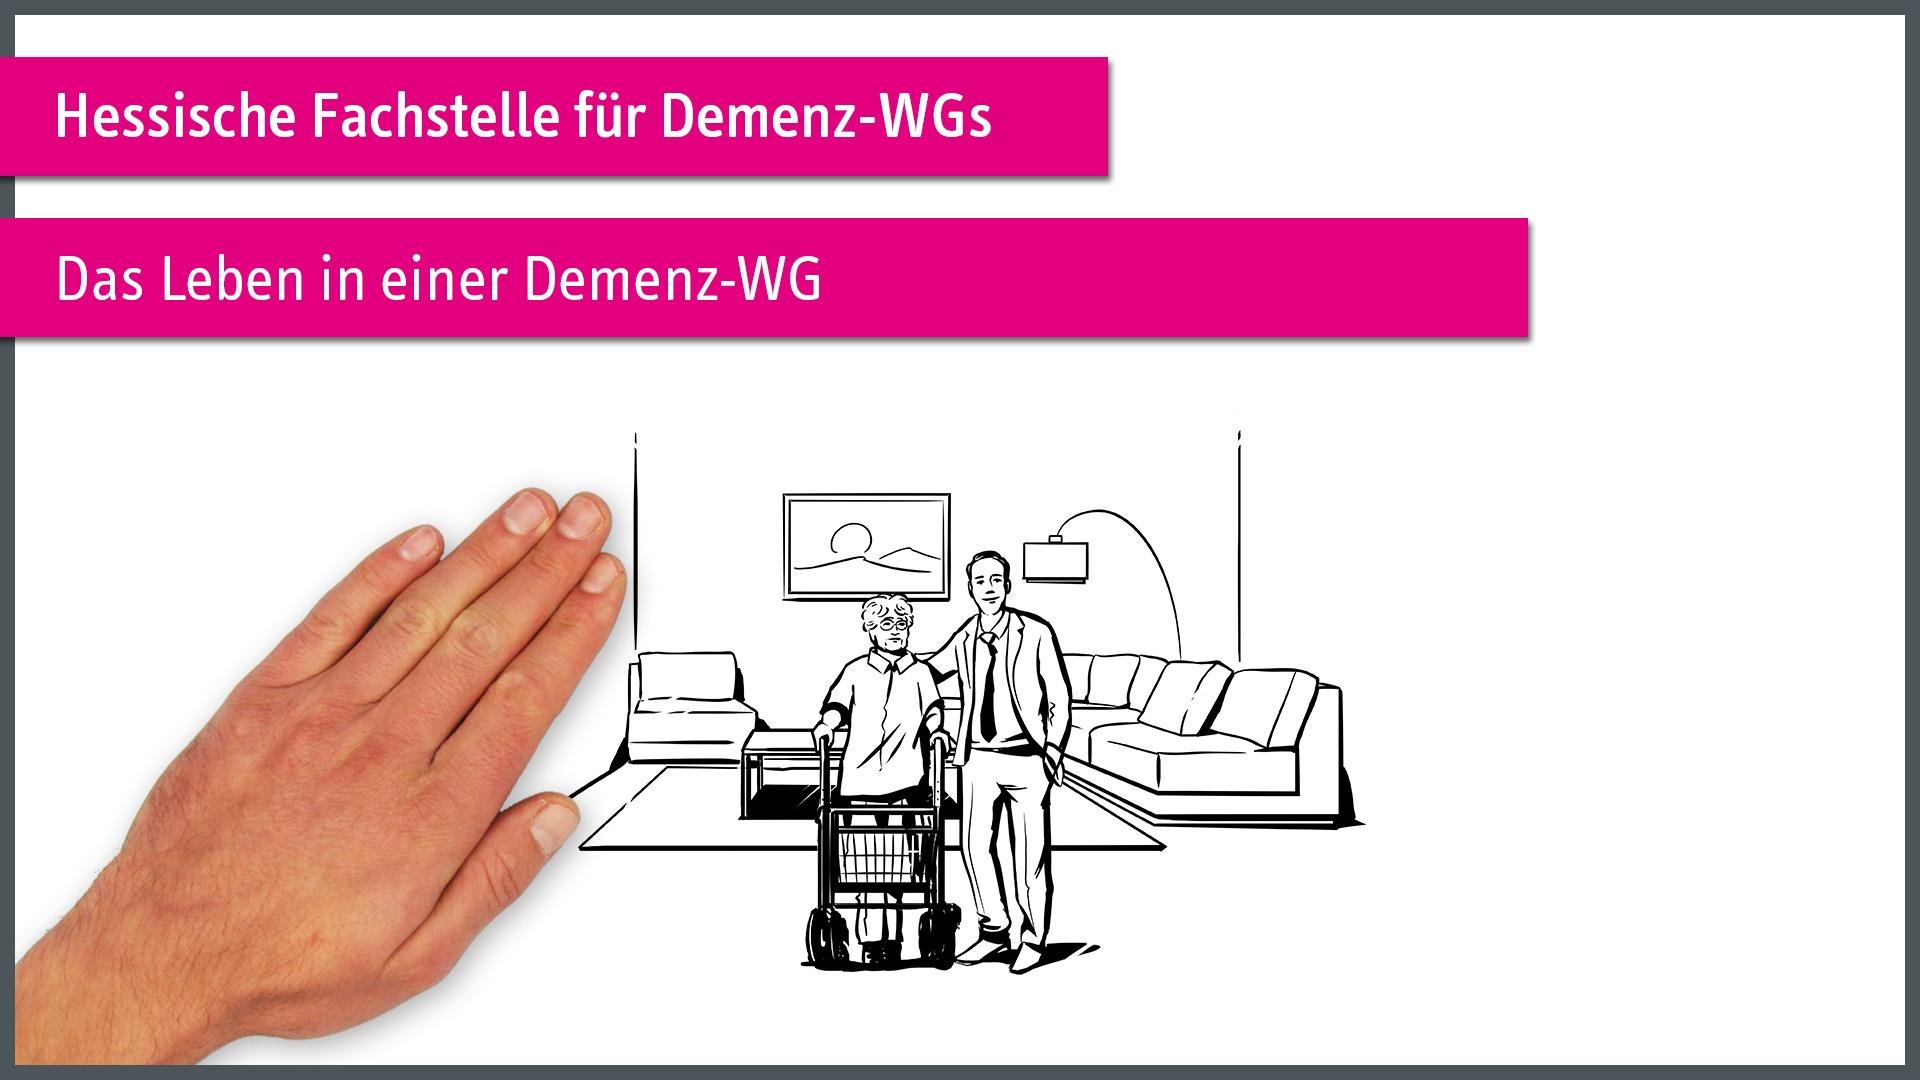 """Hessische Fachstelle für Demenz Wohngemeinschaften - """"Das Leben in einer Demenz-WG"""" einfach erklärt"""